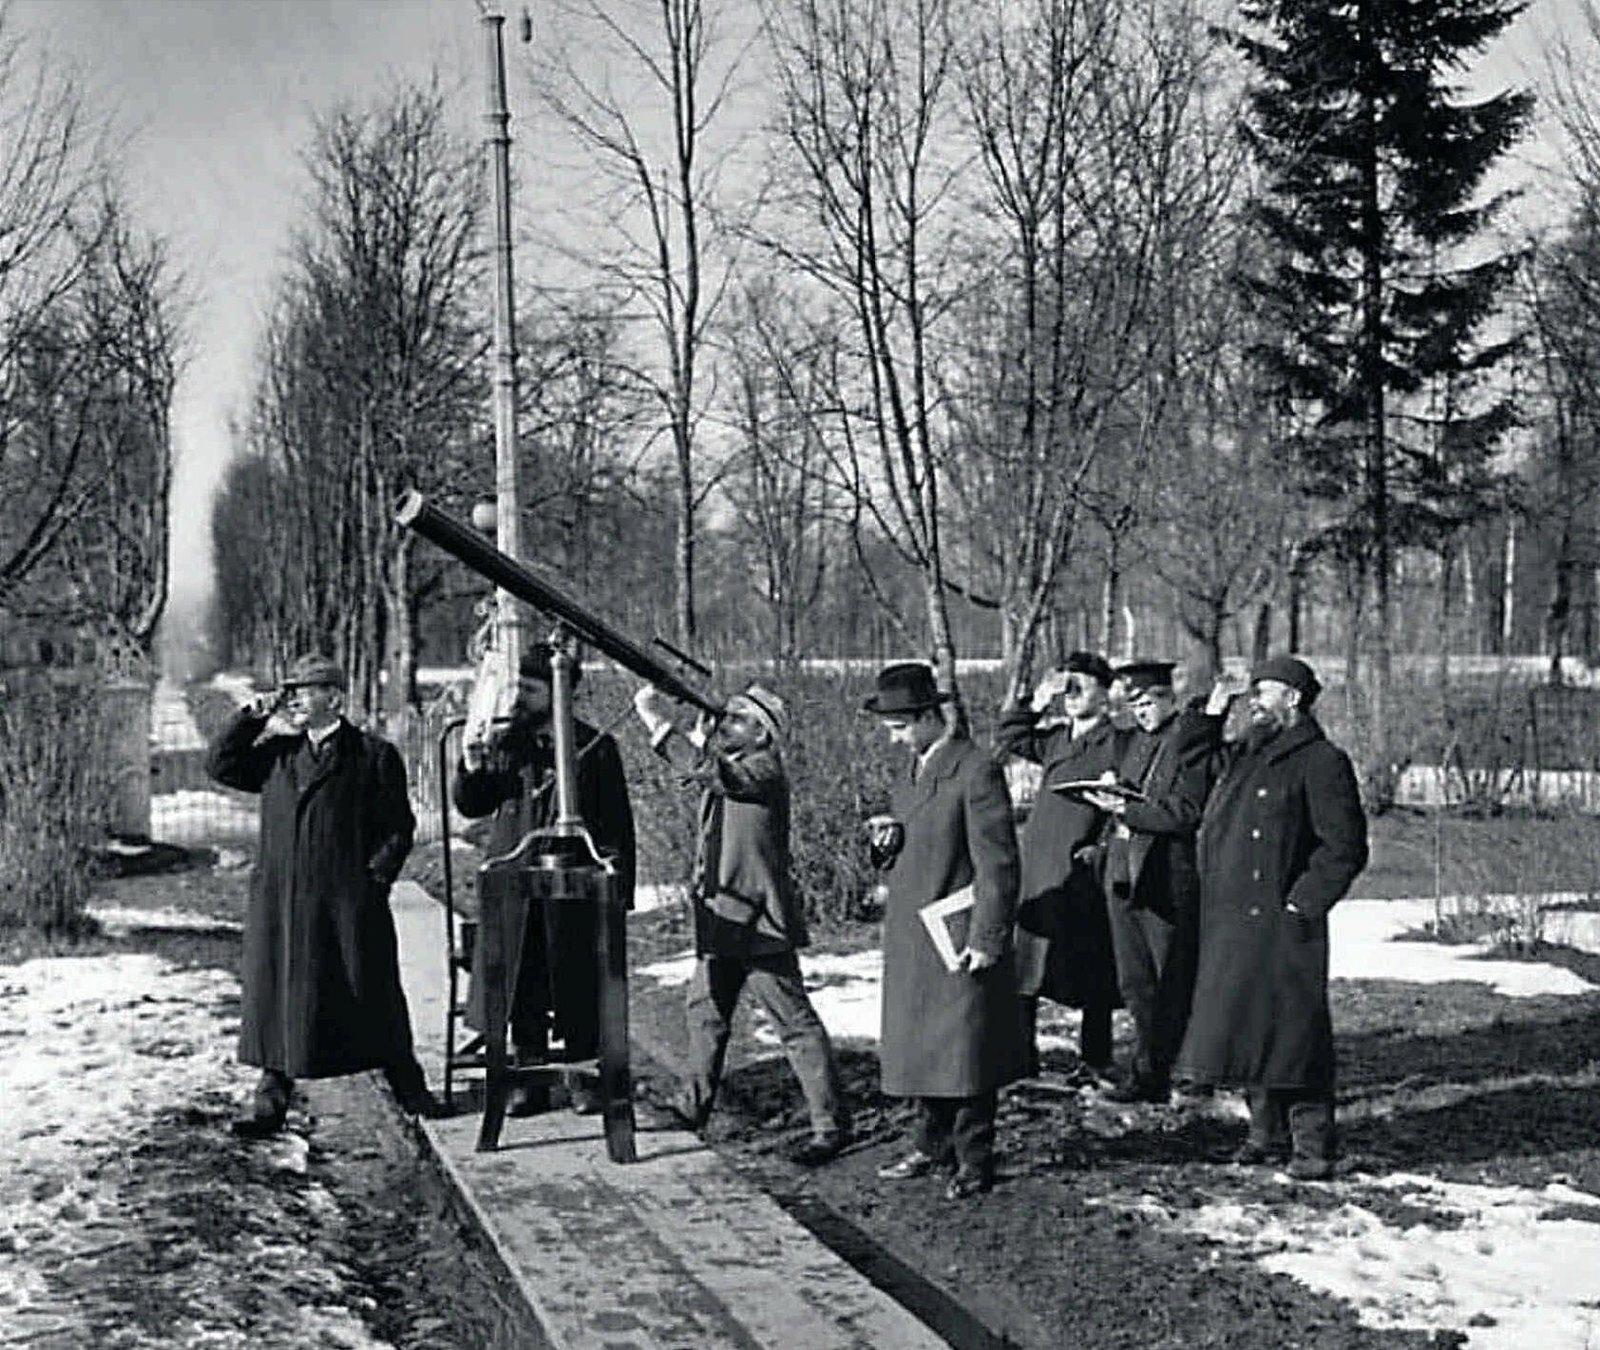 1912. Солнечное затмение. Оскар Баклунд и его сотрудники из Пулковской обсерватории наблюдают солнечное затмение